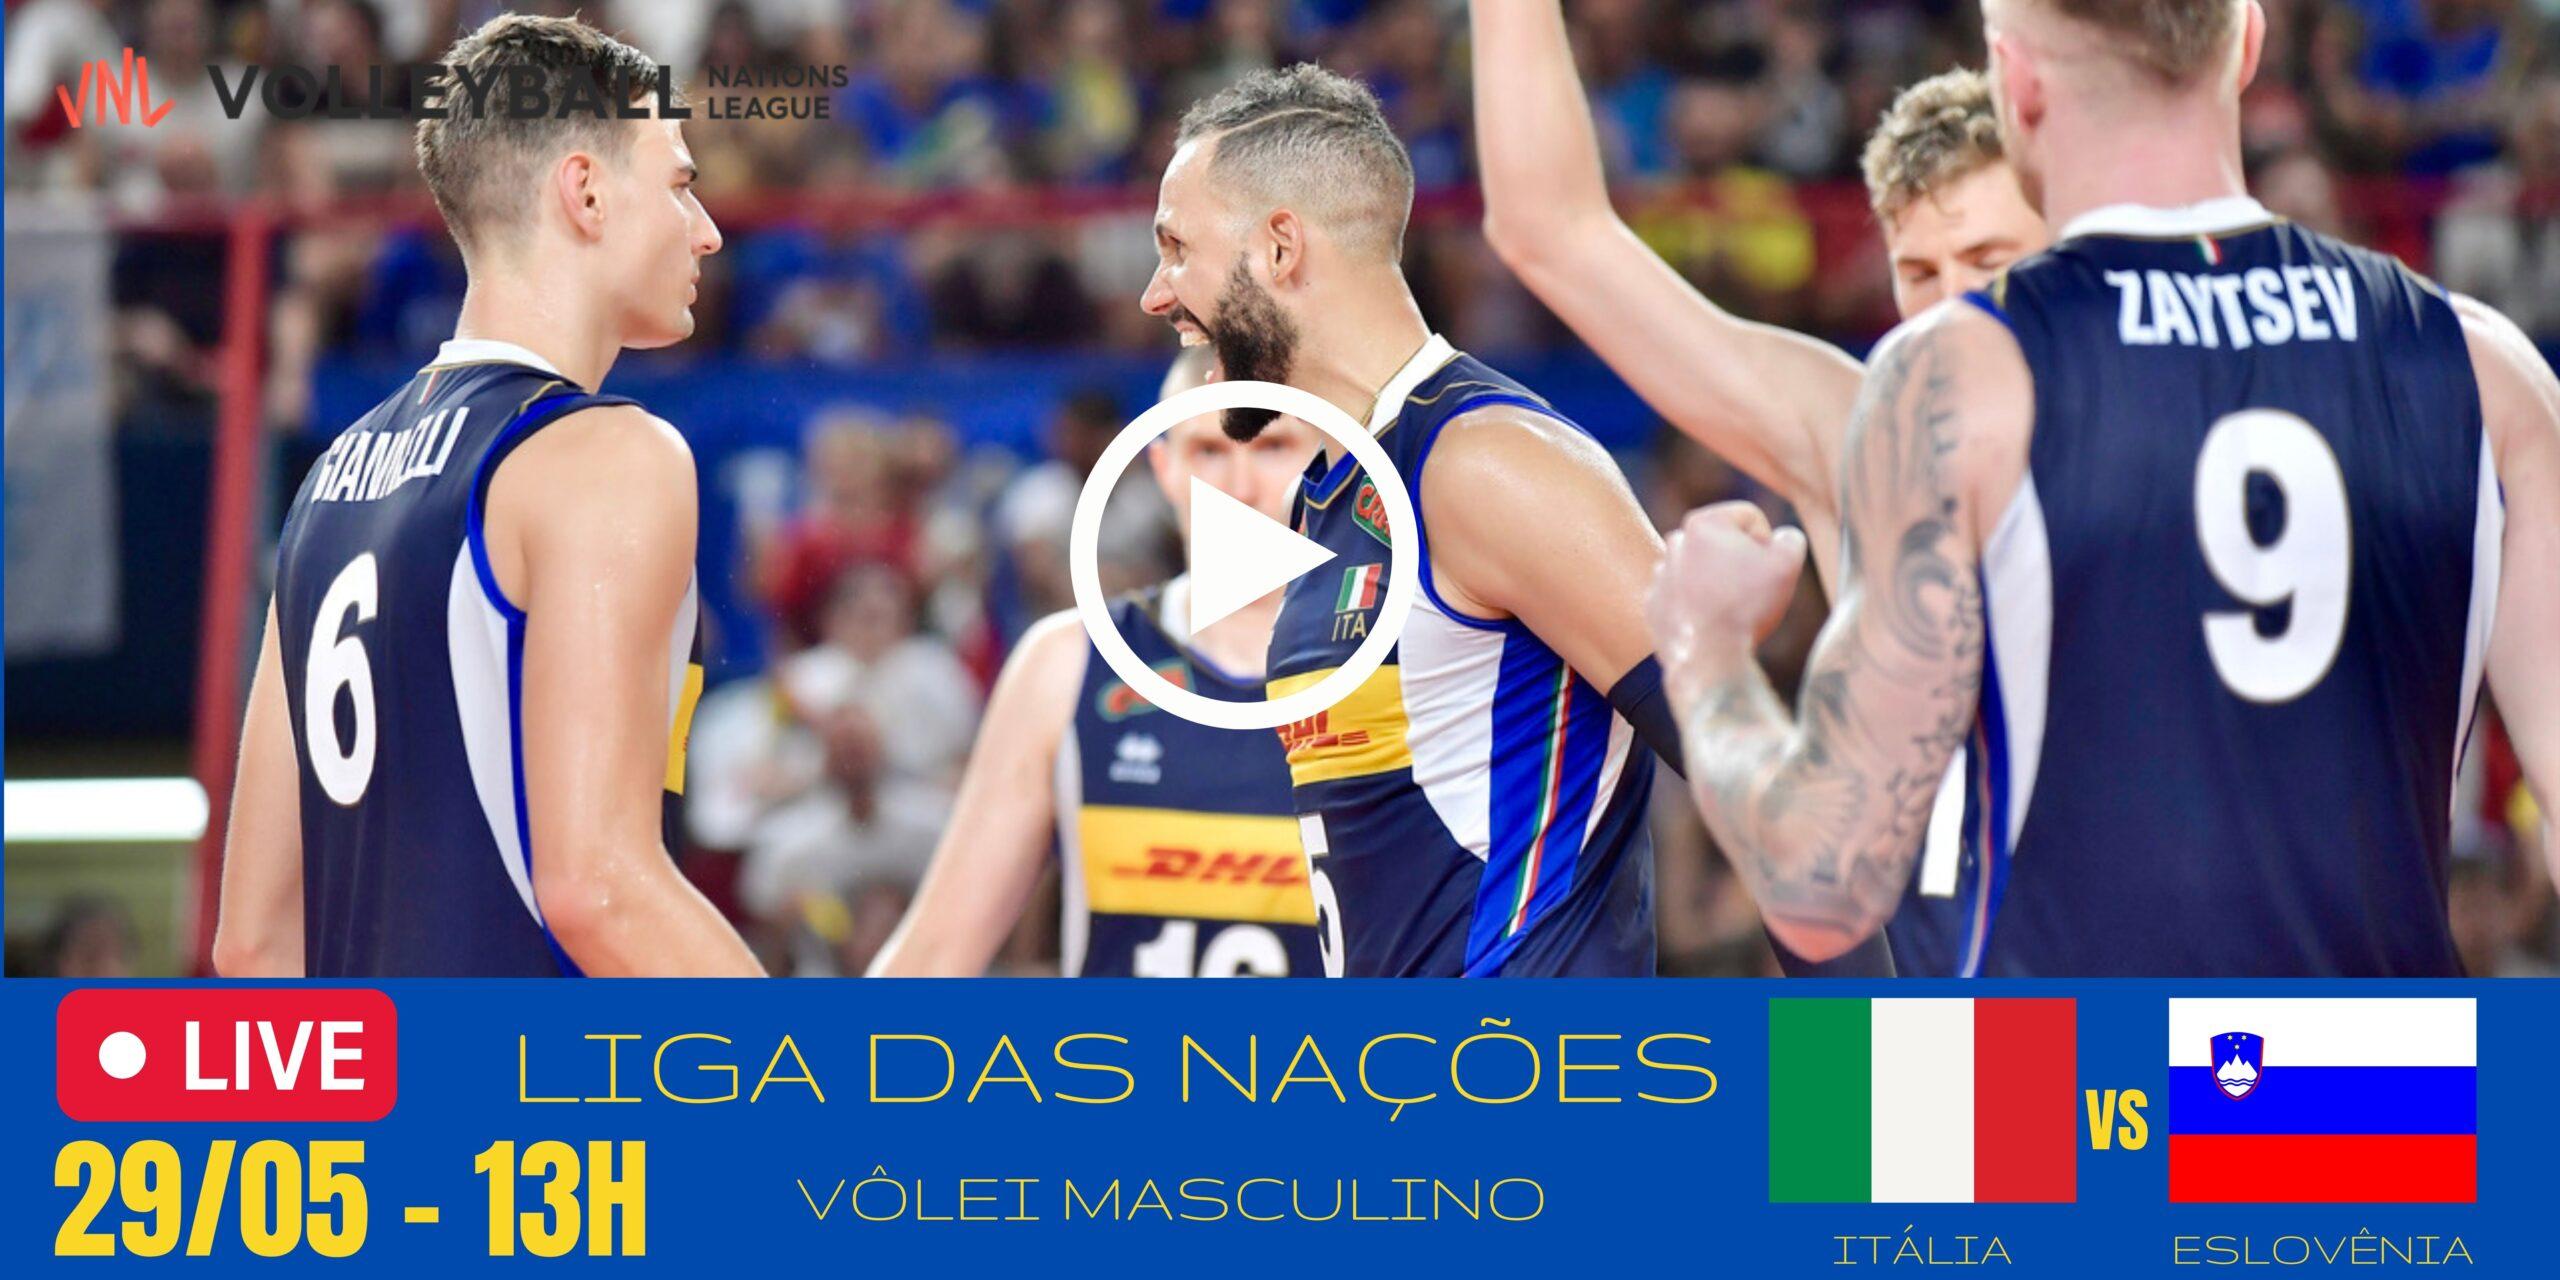 Itália vs Eslovênia – Liga das Nações Masculina – 29/05/2021